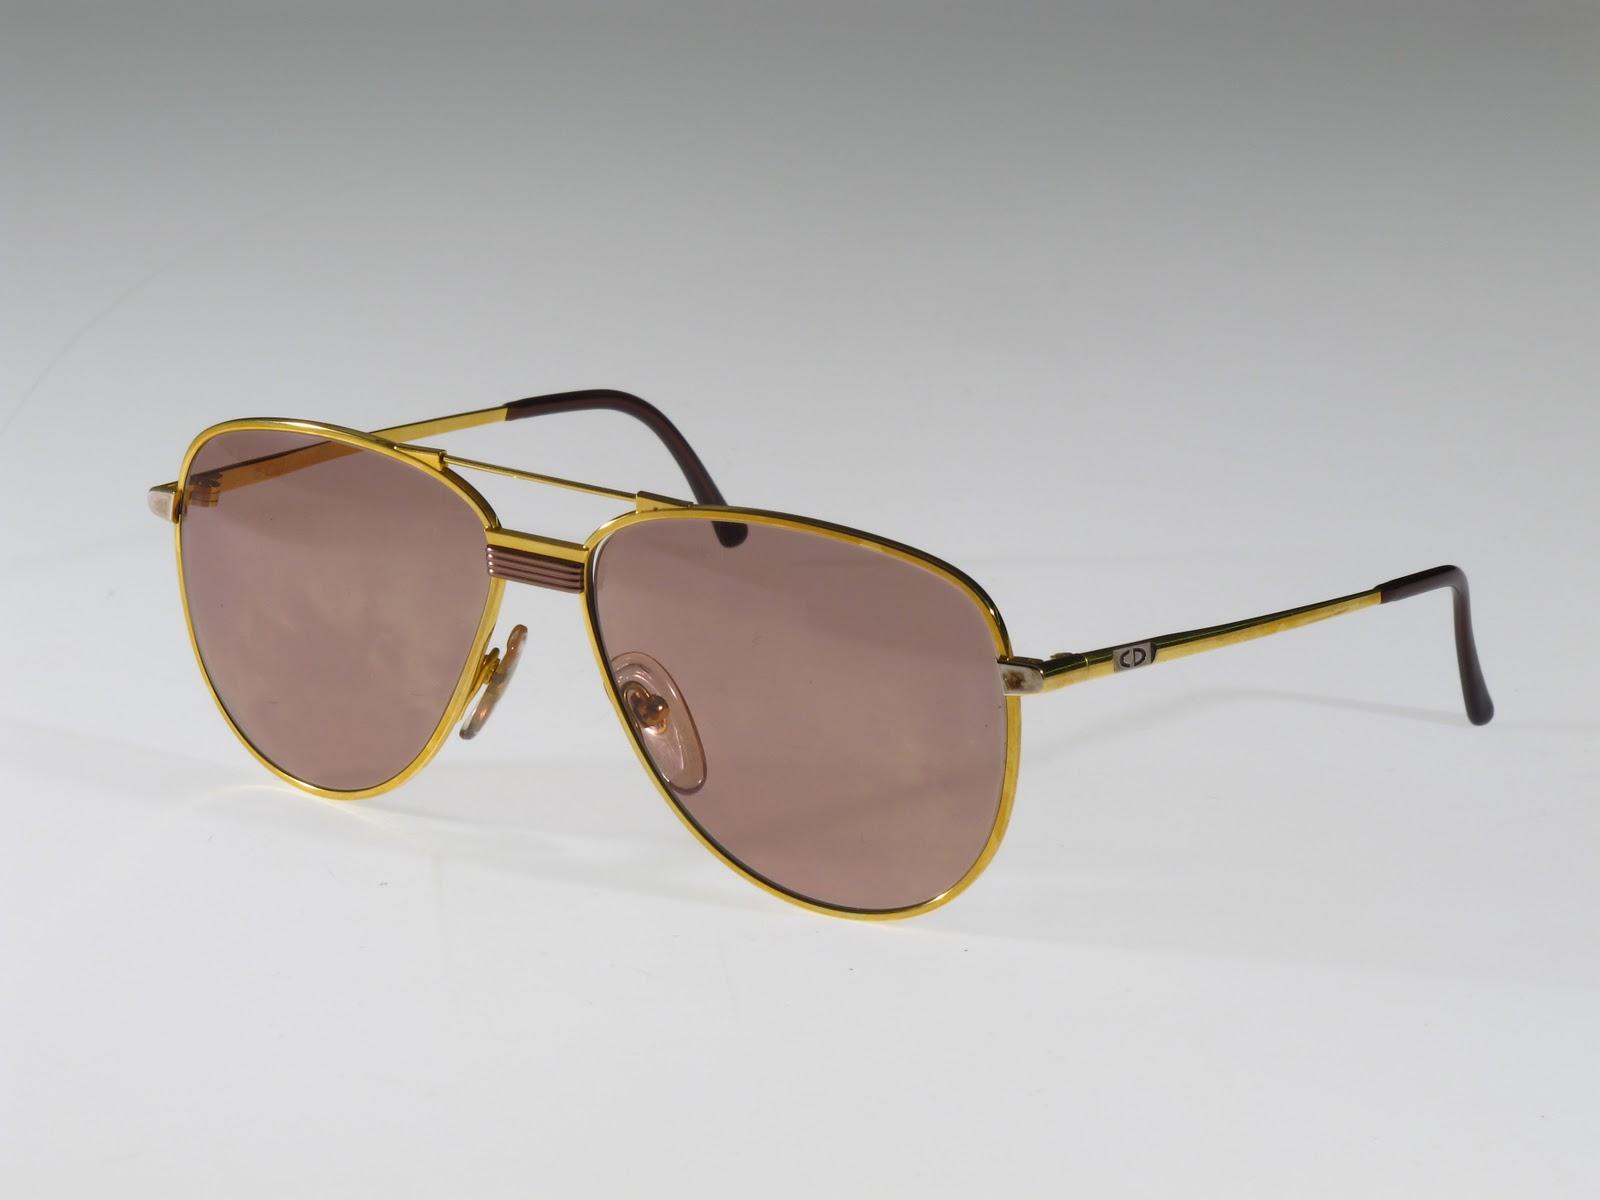 Vintage Eyeglass Frames New York City : Selima Optique: Vintage Eye: 70s Christian Dior Gold ...